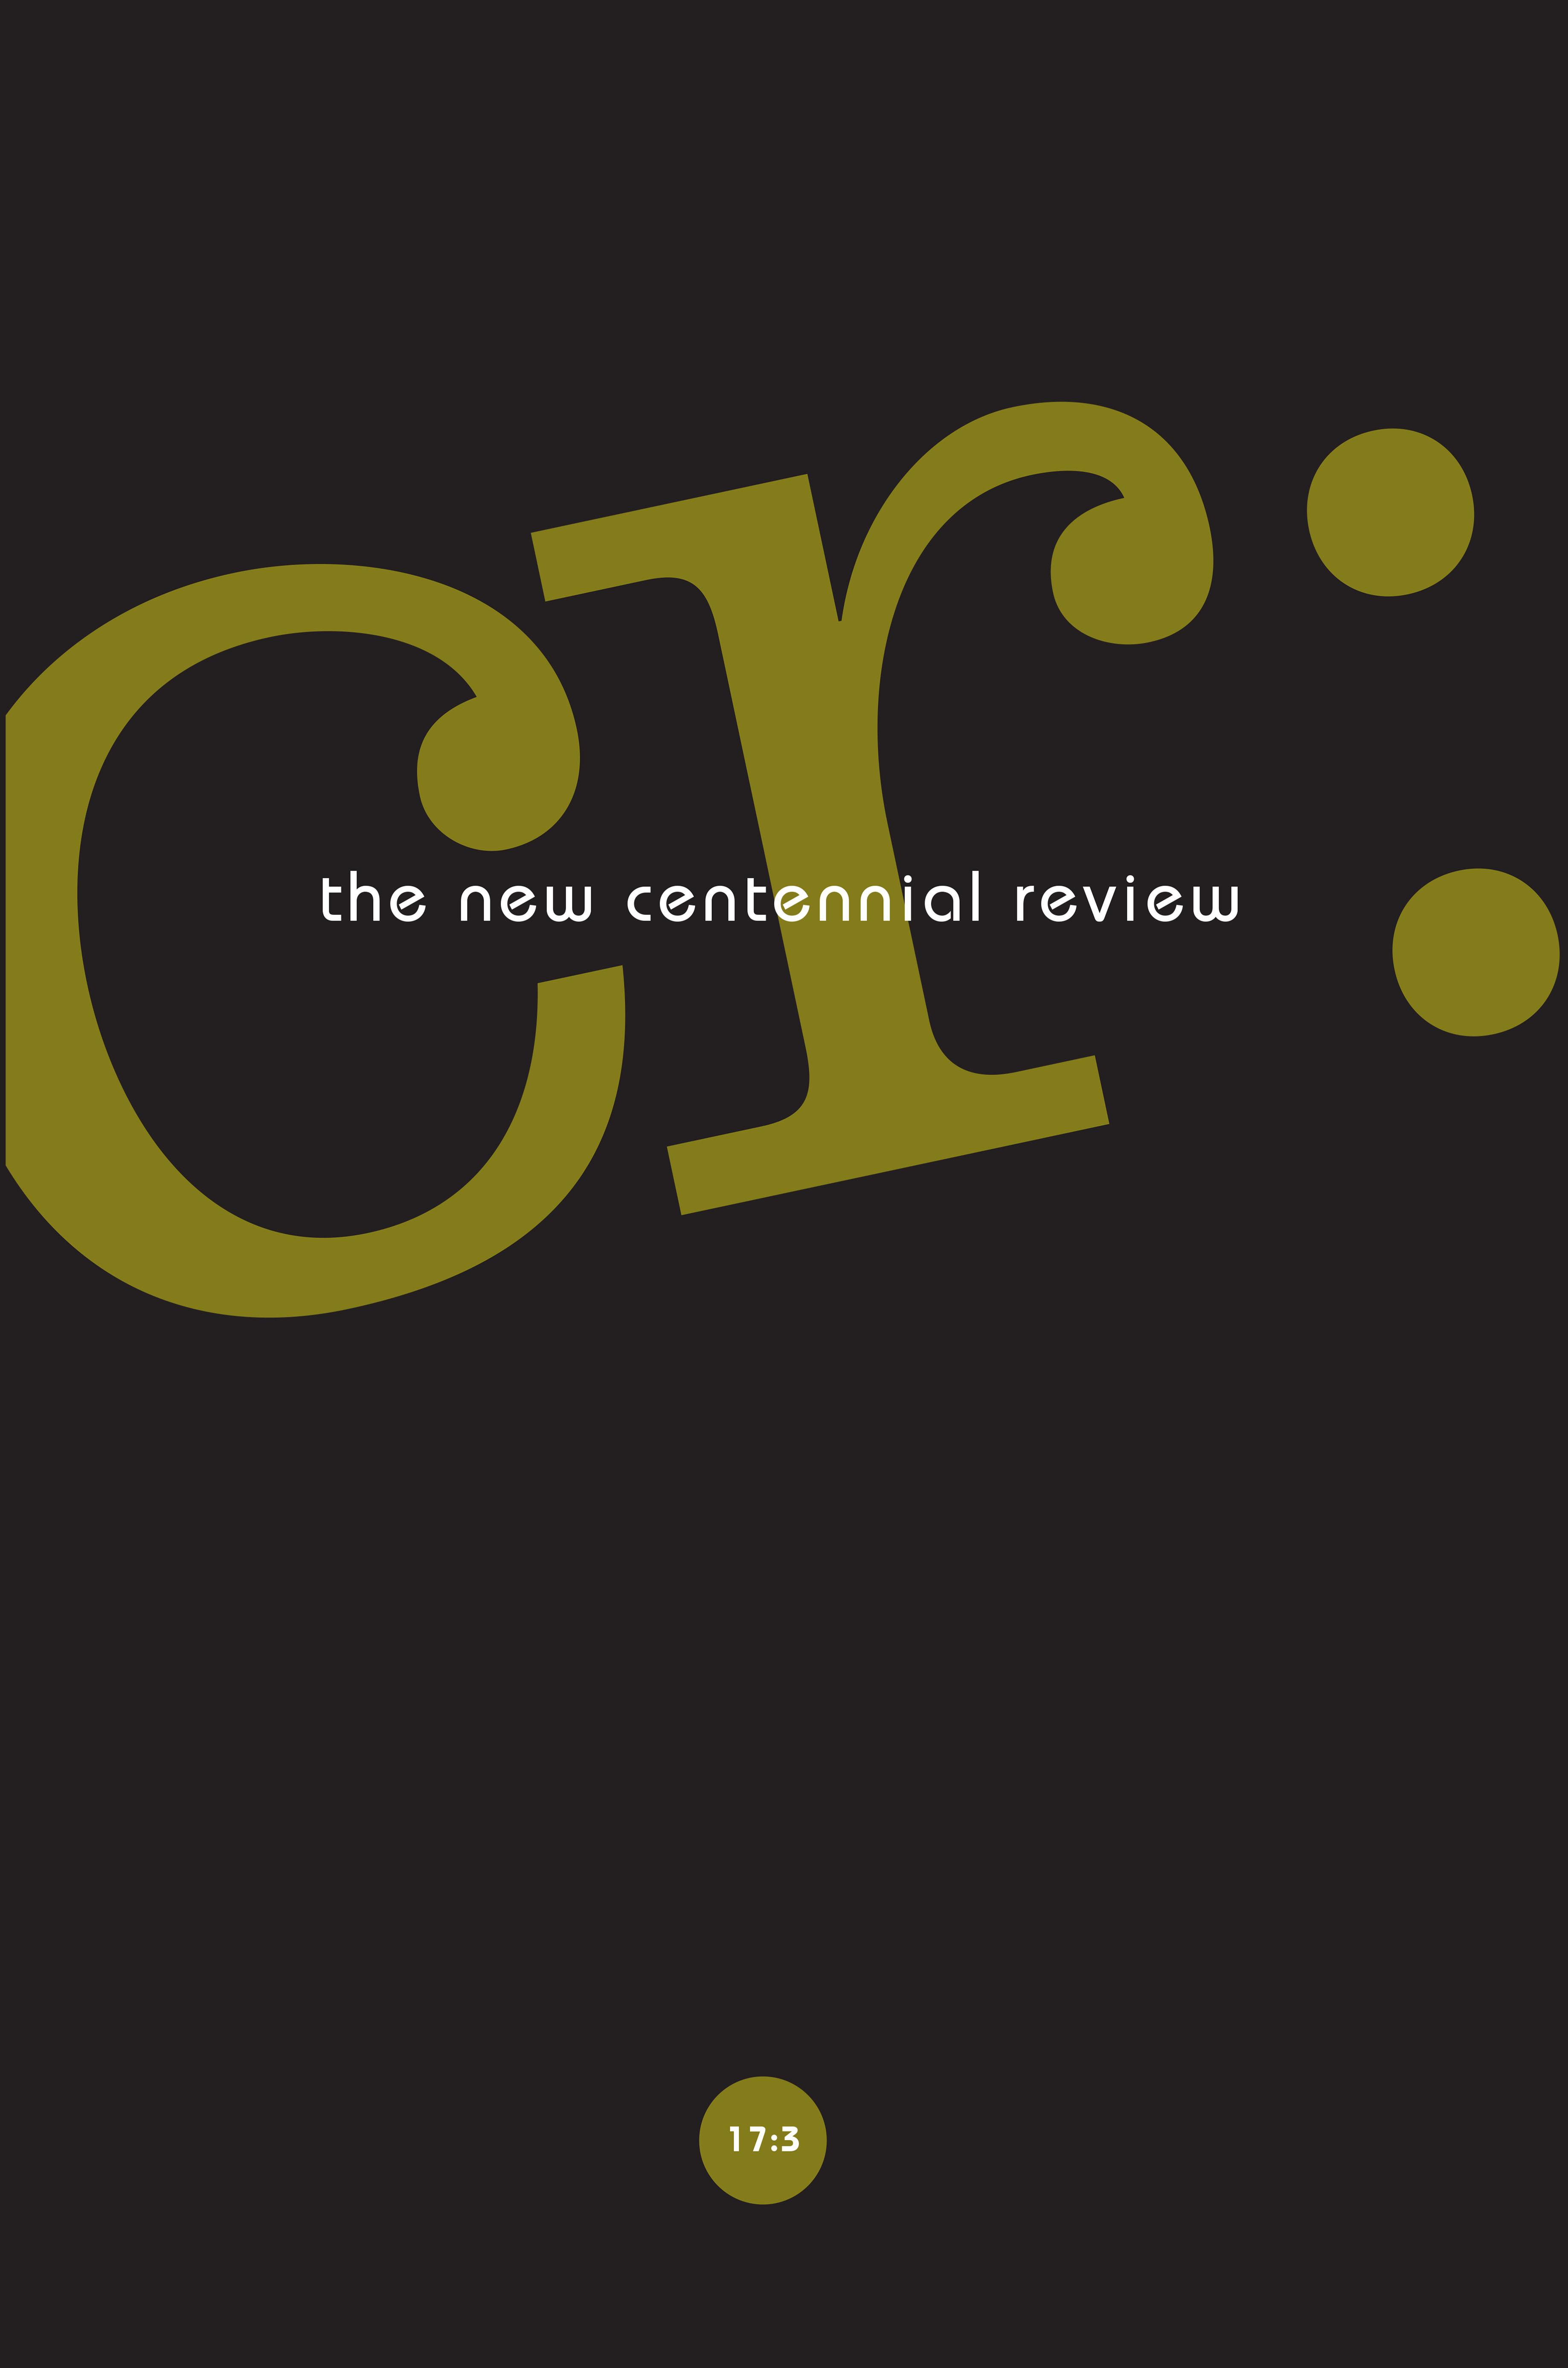 CR: The New Centennial Review 17, no. 3 cover